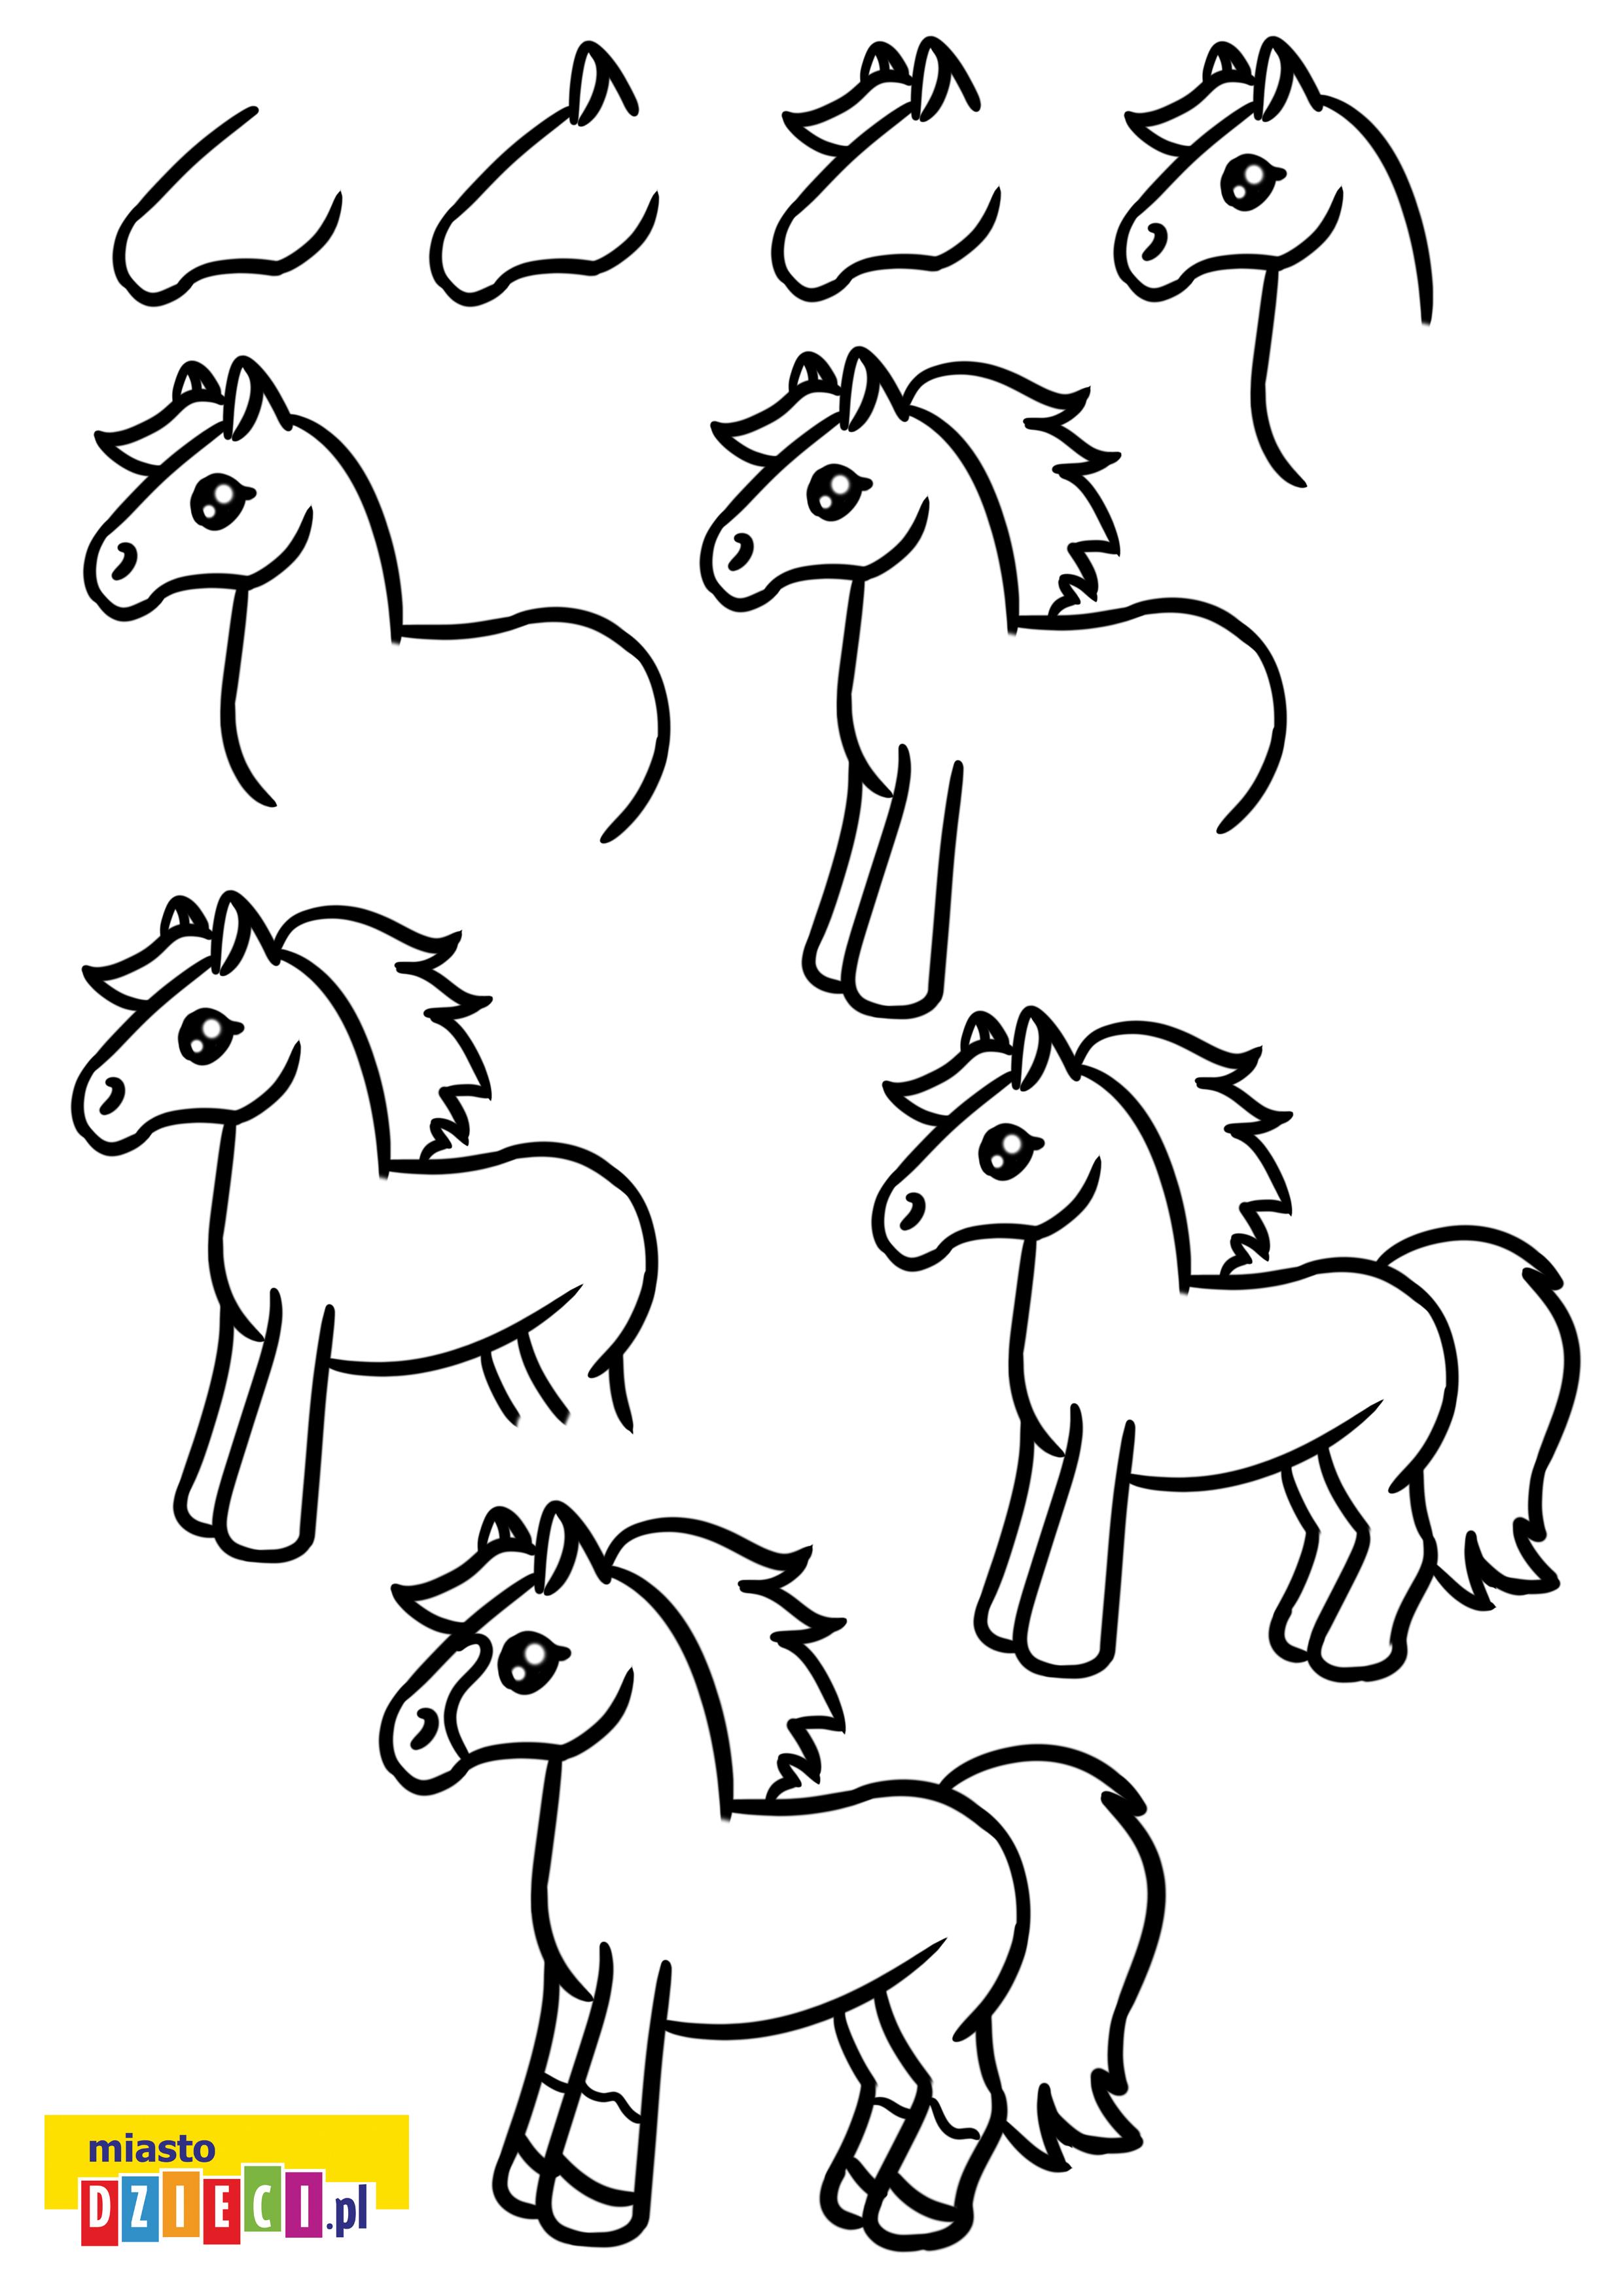 Jak narysować kucyka krok po kroku instrukcja rysowania szablon do druku